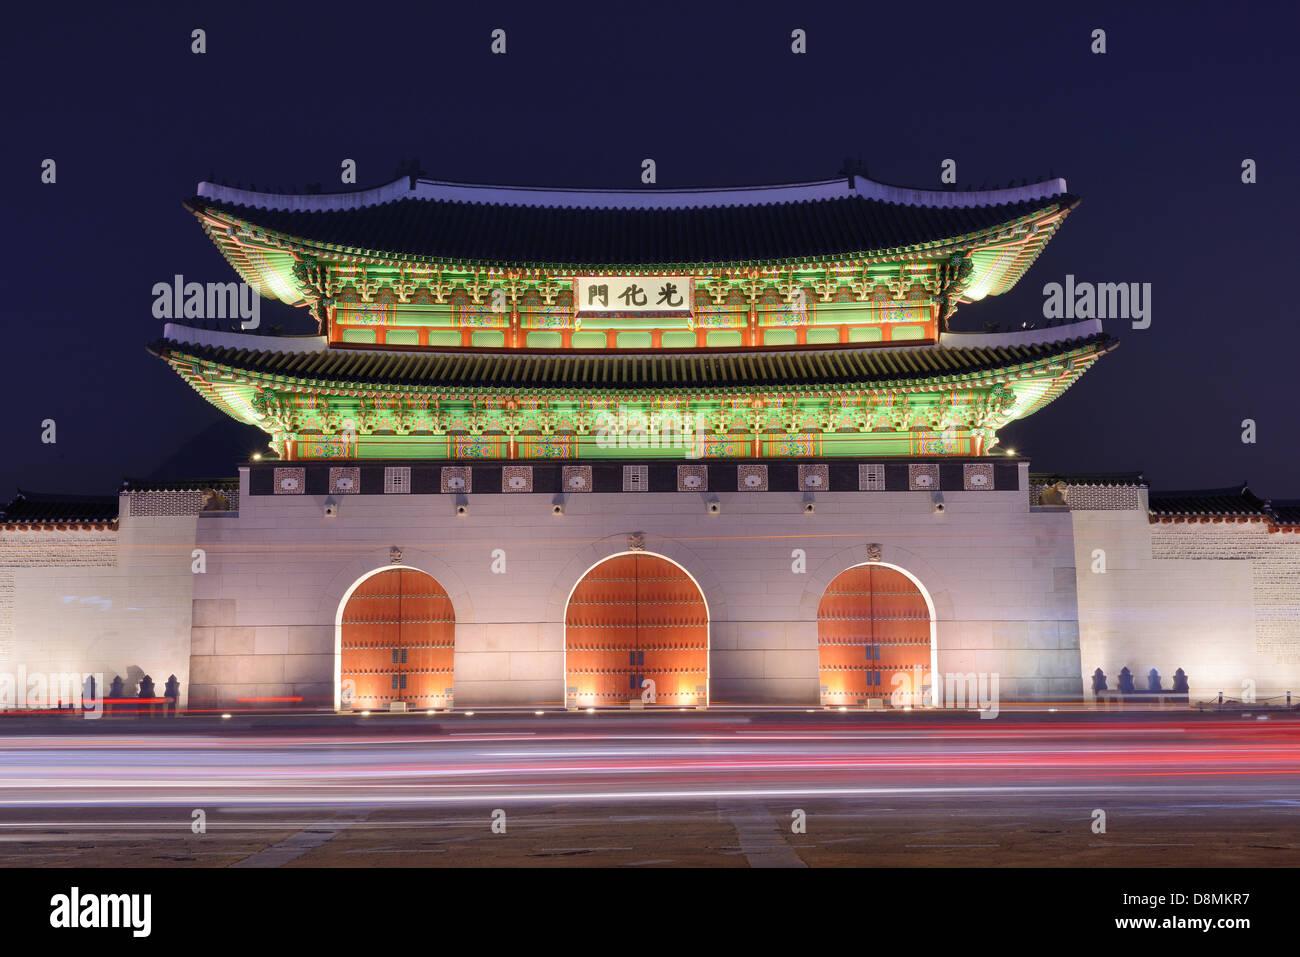 Gwanghwamun gate en el Palacio Gyeongbokgung en Seúl, Corea del Sur. Imagen De Stock